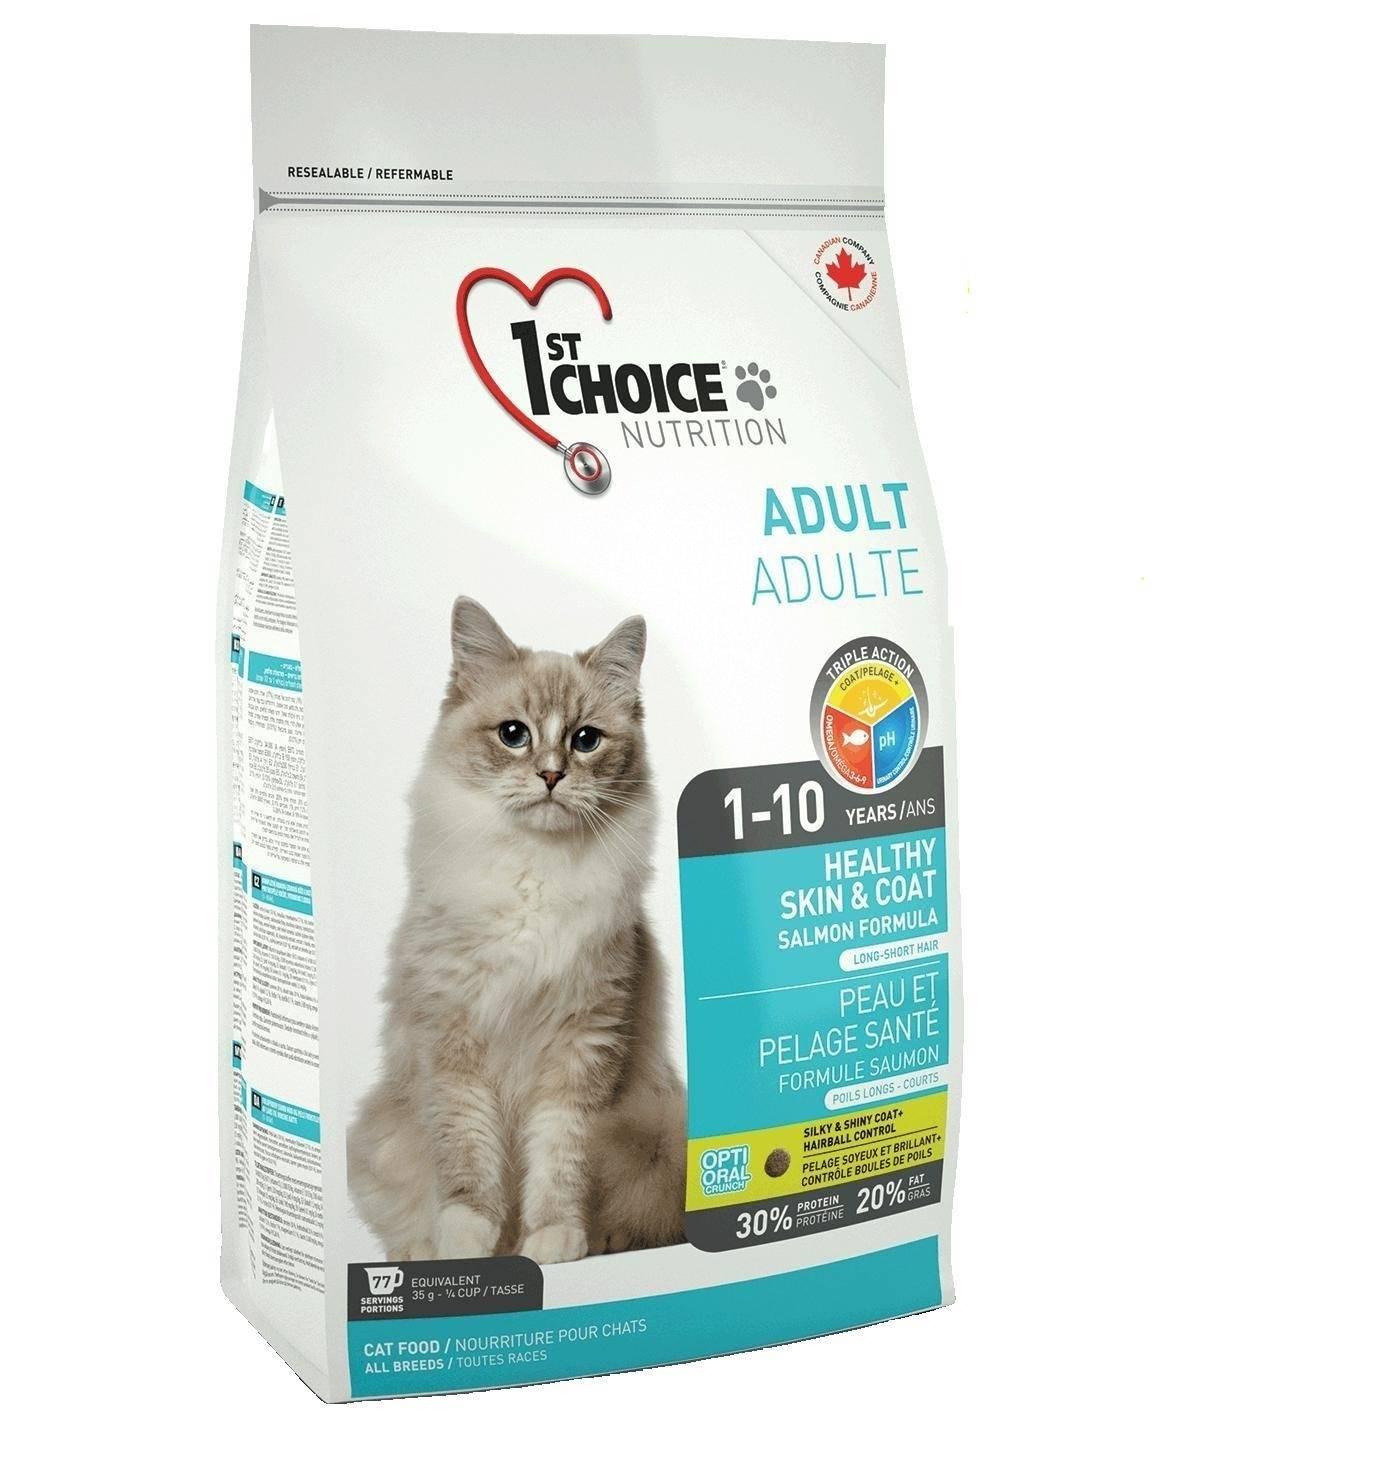 Рейтинг лучших кормов для кошек 2021